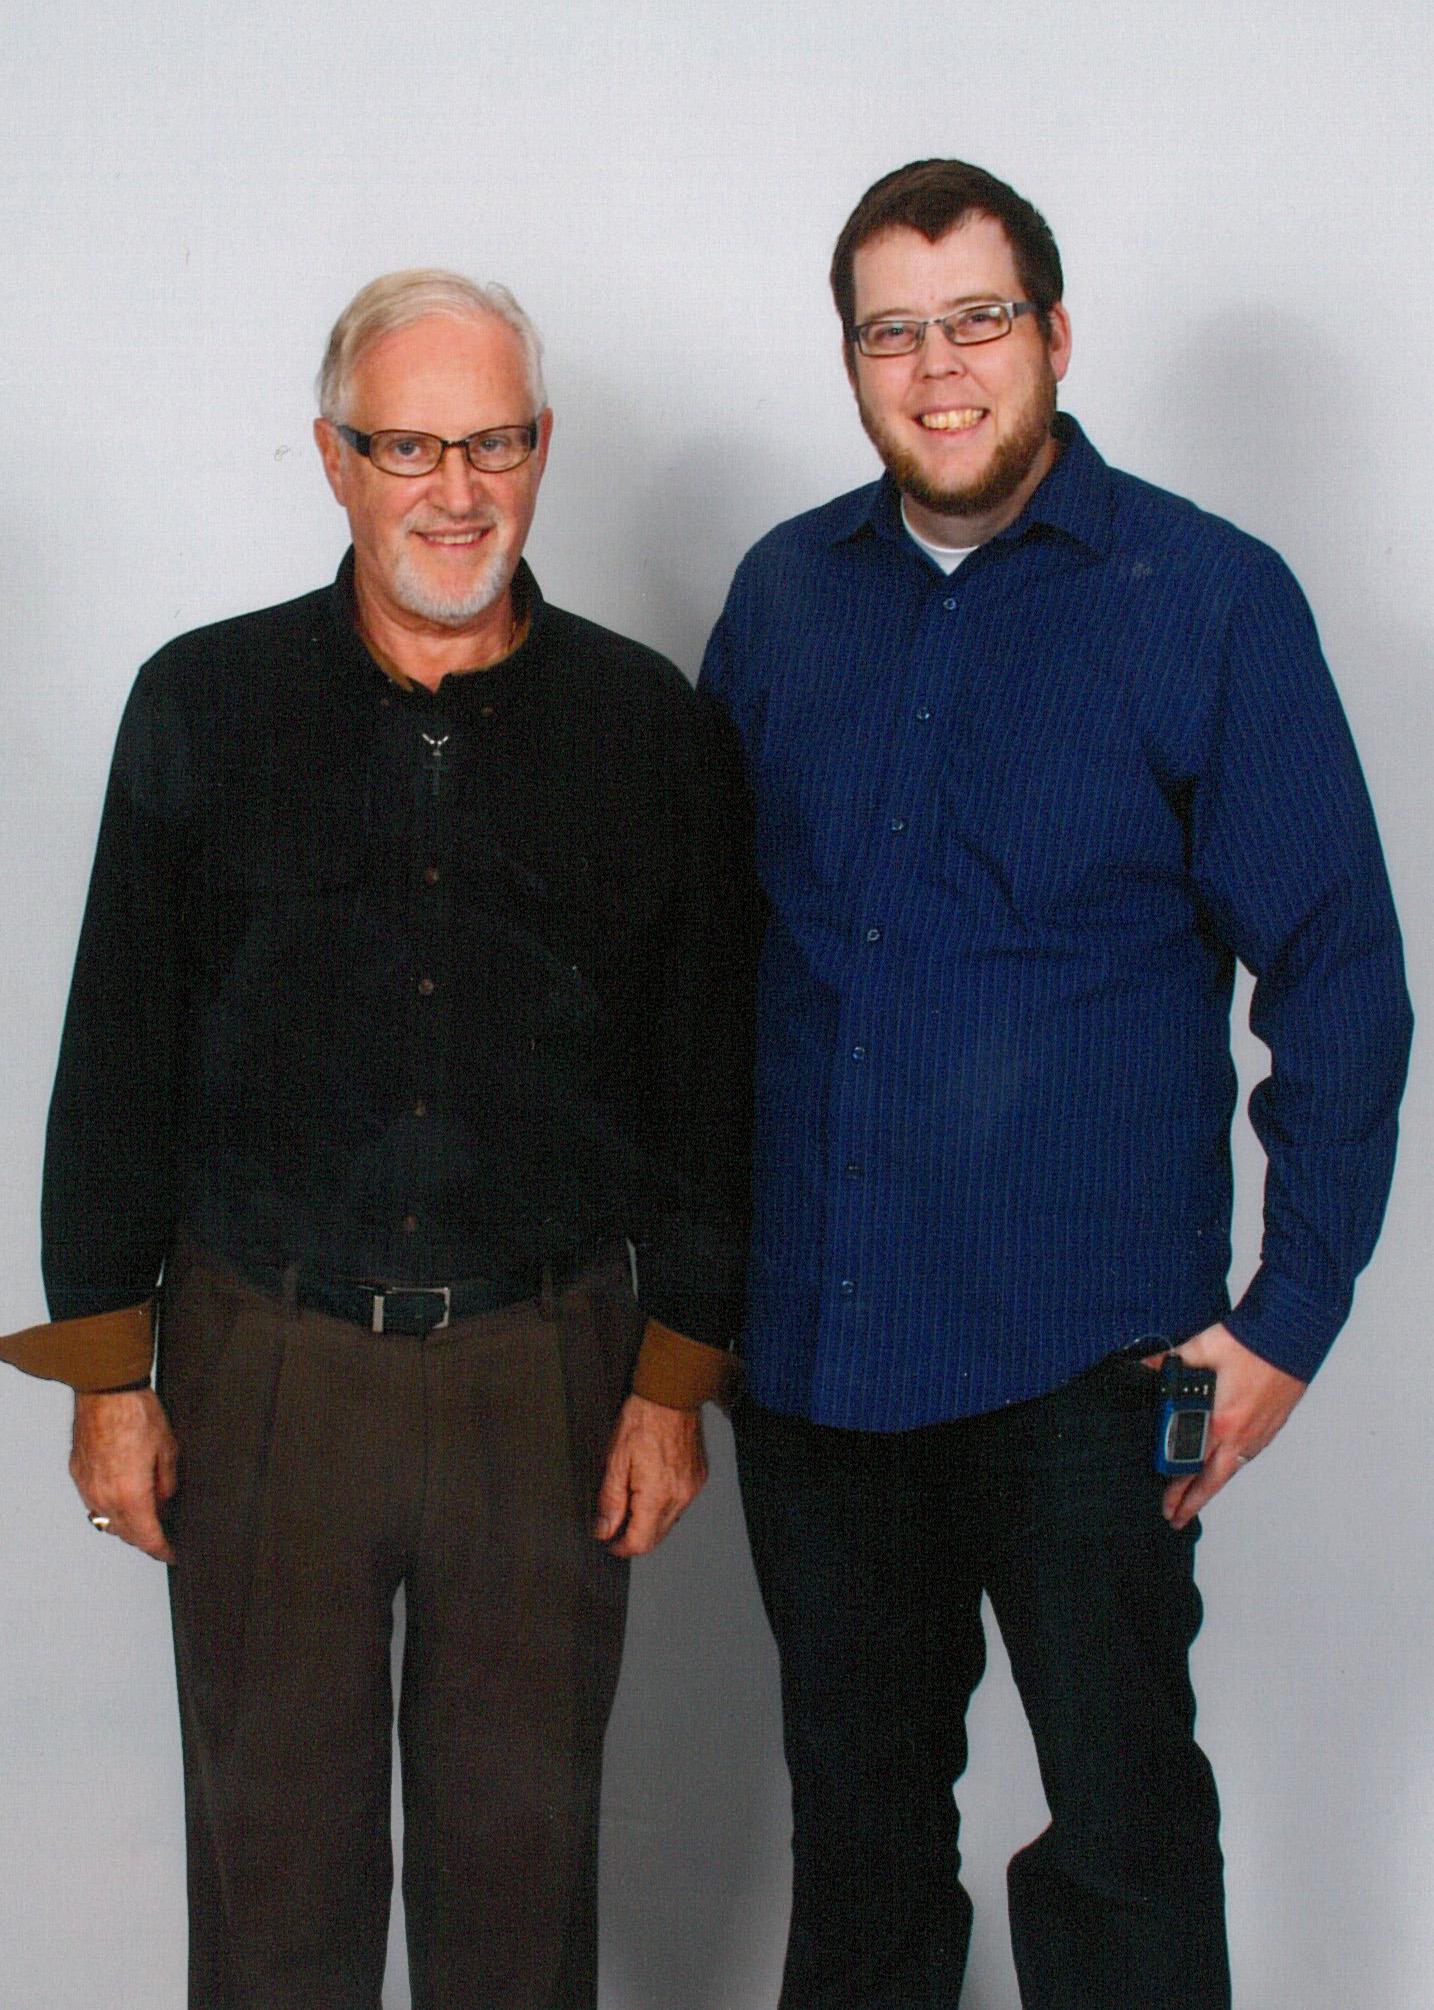 2015 CCS graduates Jim Hatt and Mark Laird